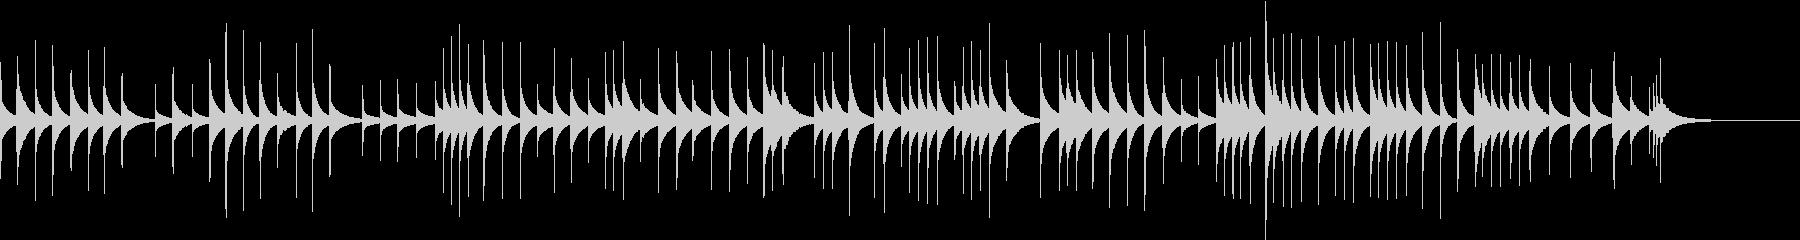 ゆったりとした可愛いオルゴールの未再生の波形